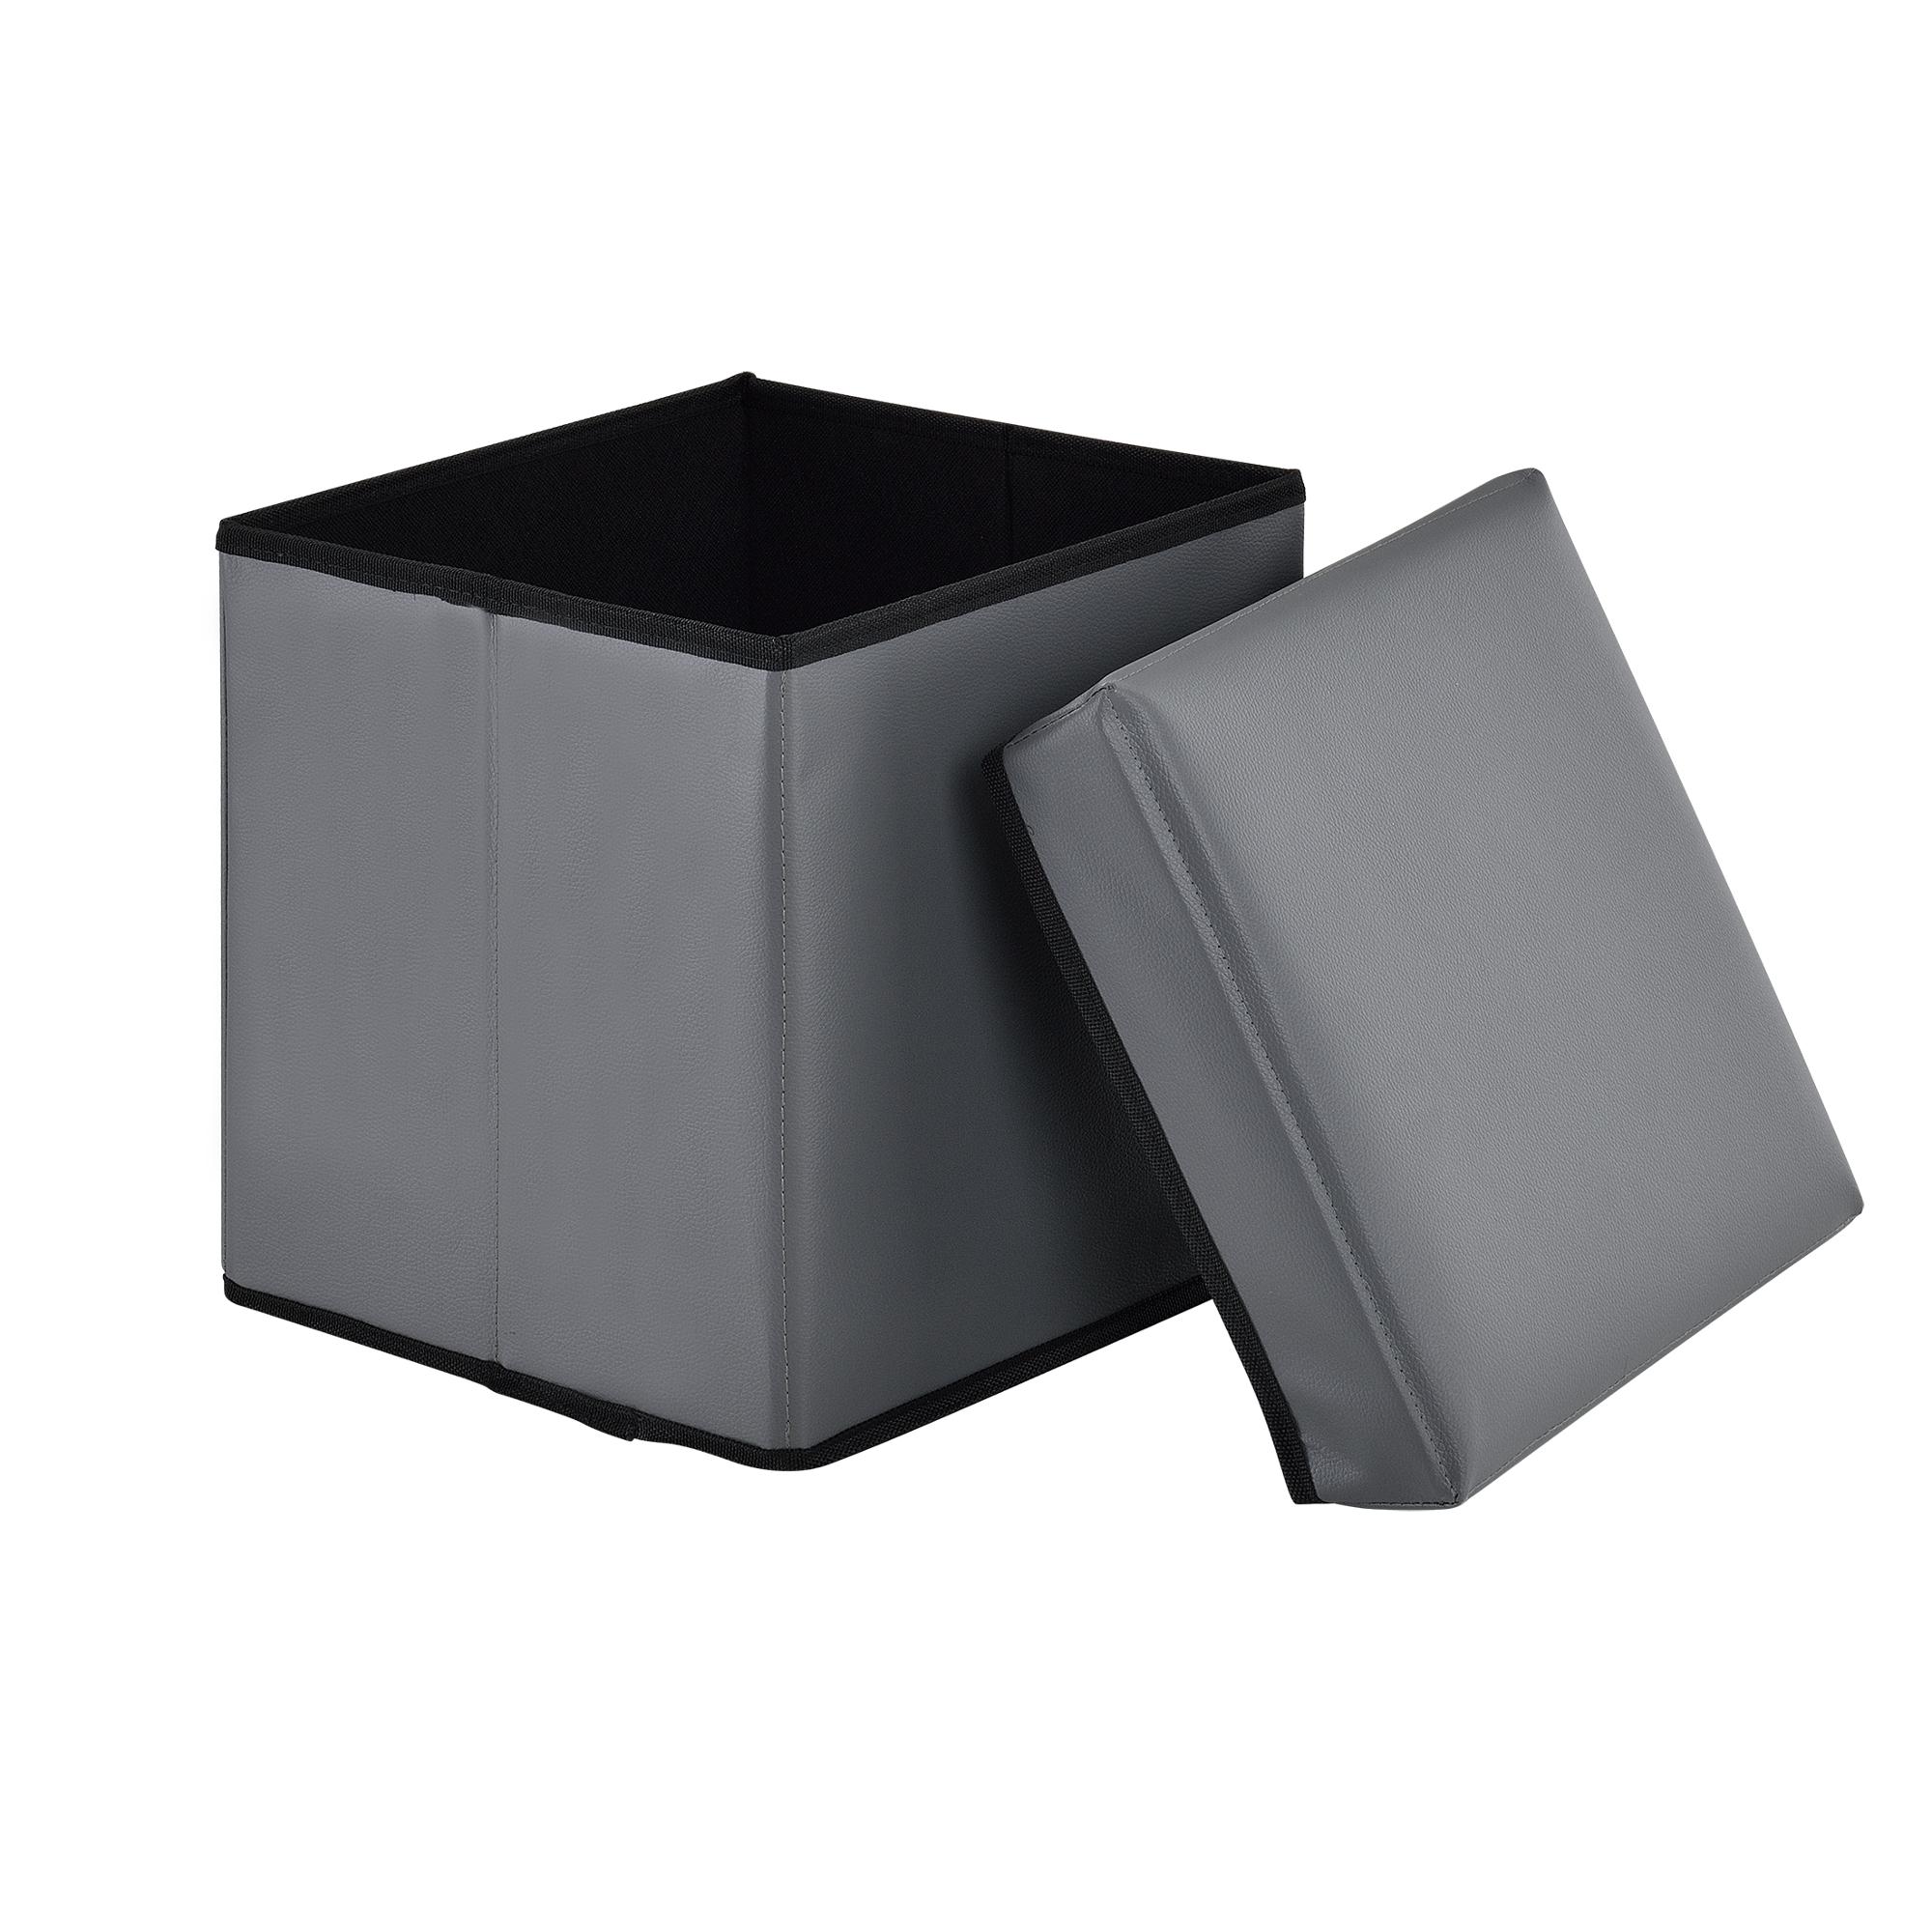 Détails sur [En.casa] Pliable Tabouret Cube Boîte de Conservation Coffre  Banque